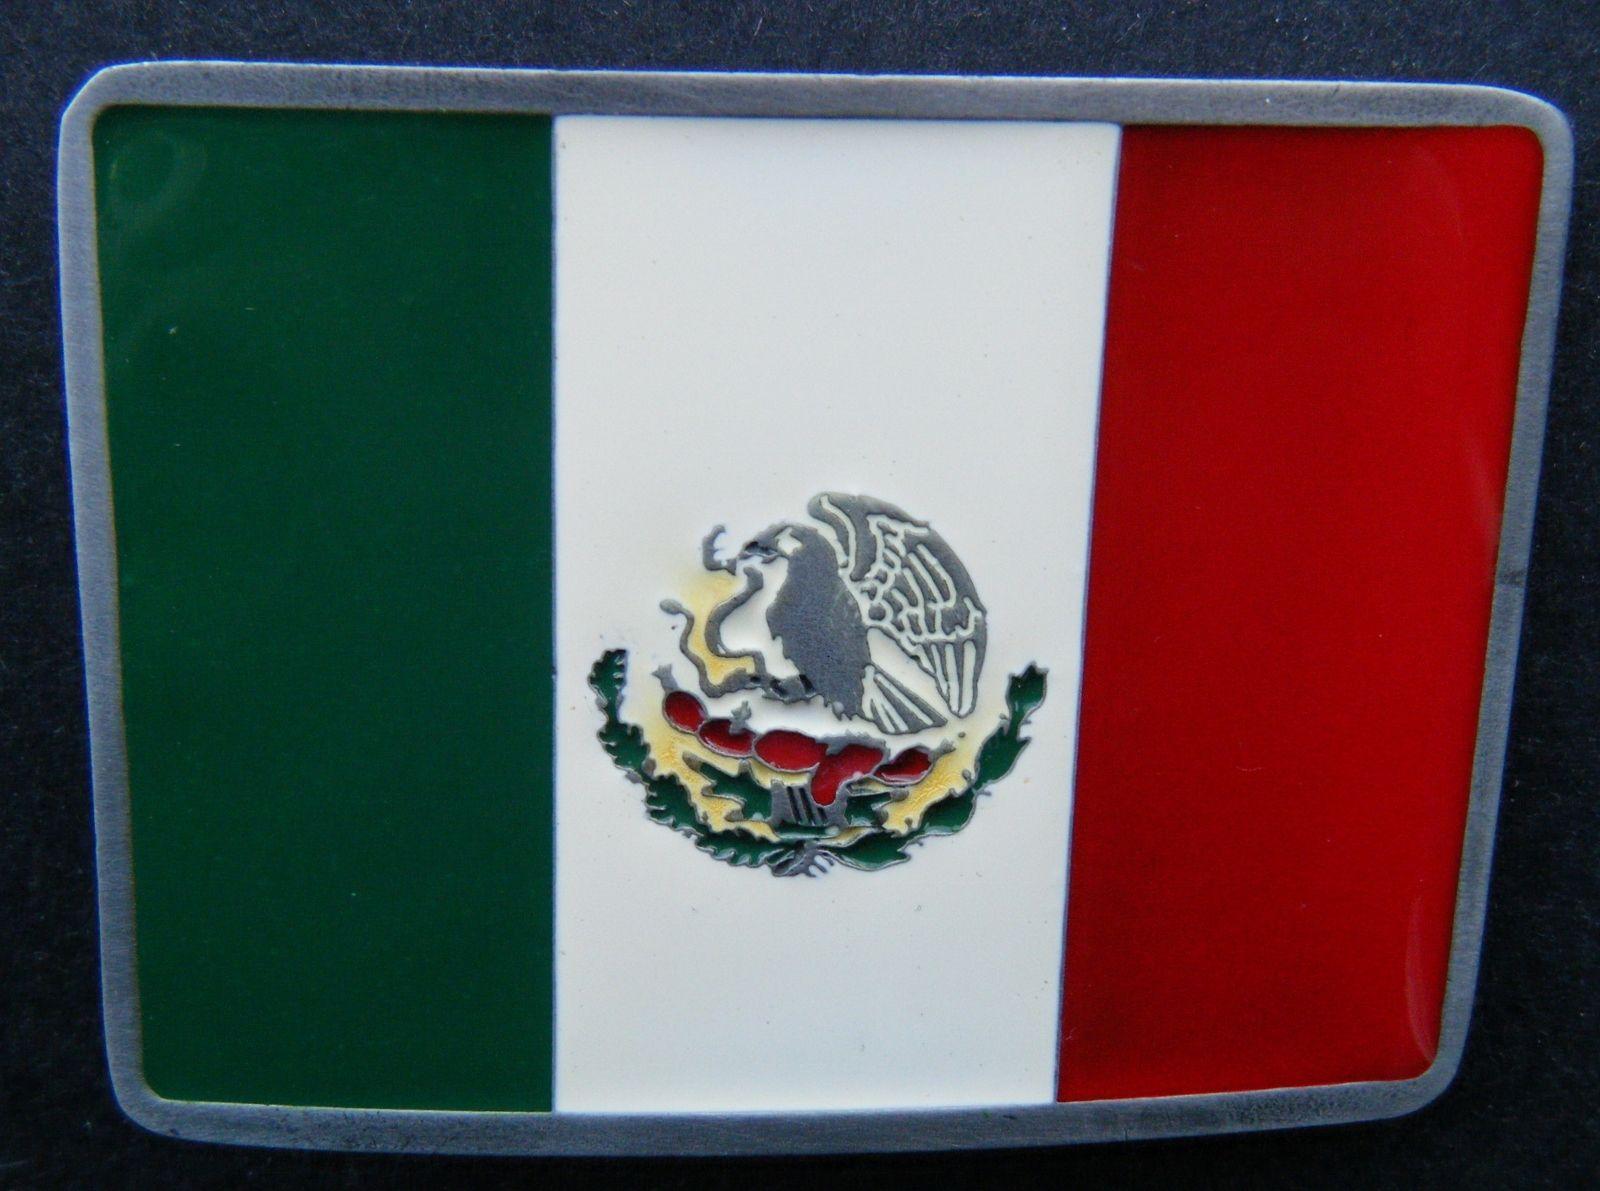 Mexican Flag Mexico City Cancun Souvenir Belt Buckles Mexico Mexicoflag Mexicobuckle Mexicoflagbeltbuckle Mexica Australian Flags National Flag Irish Flag